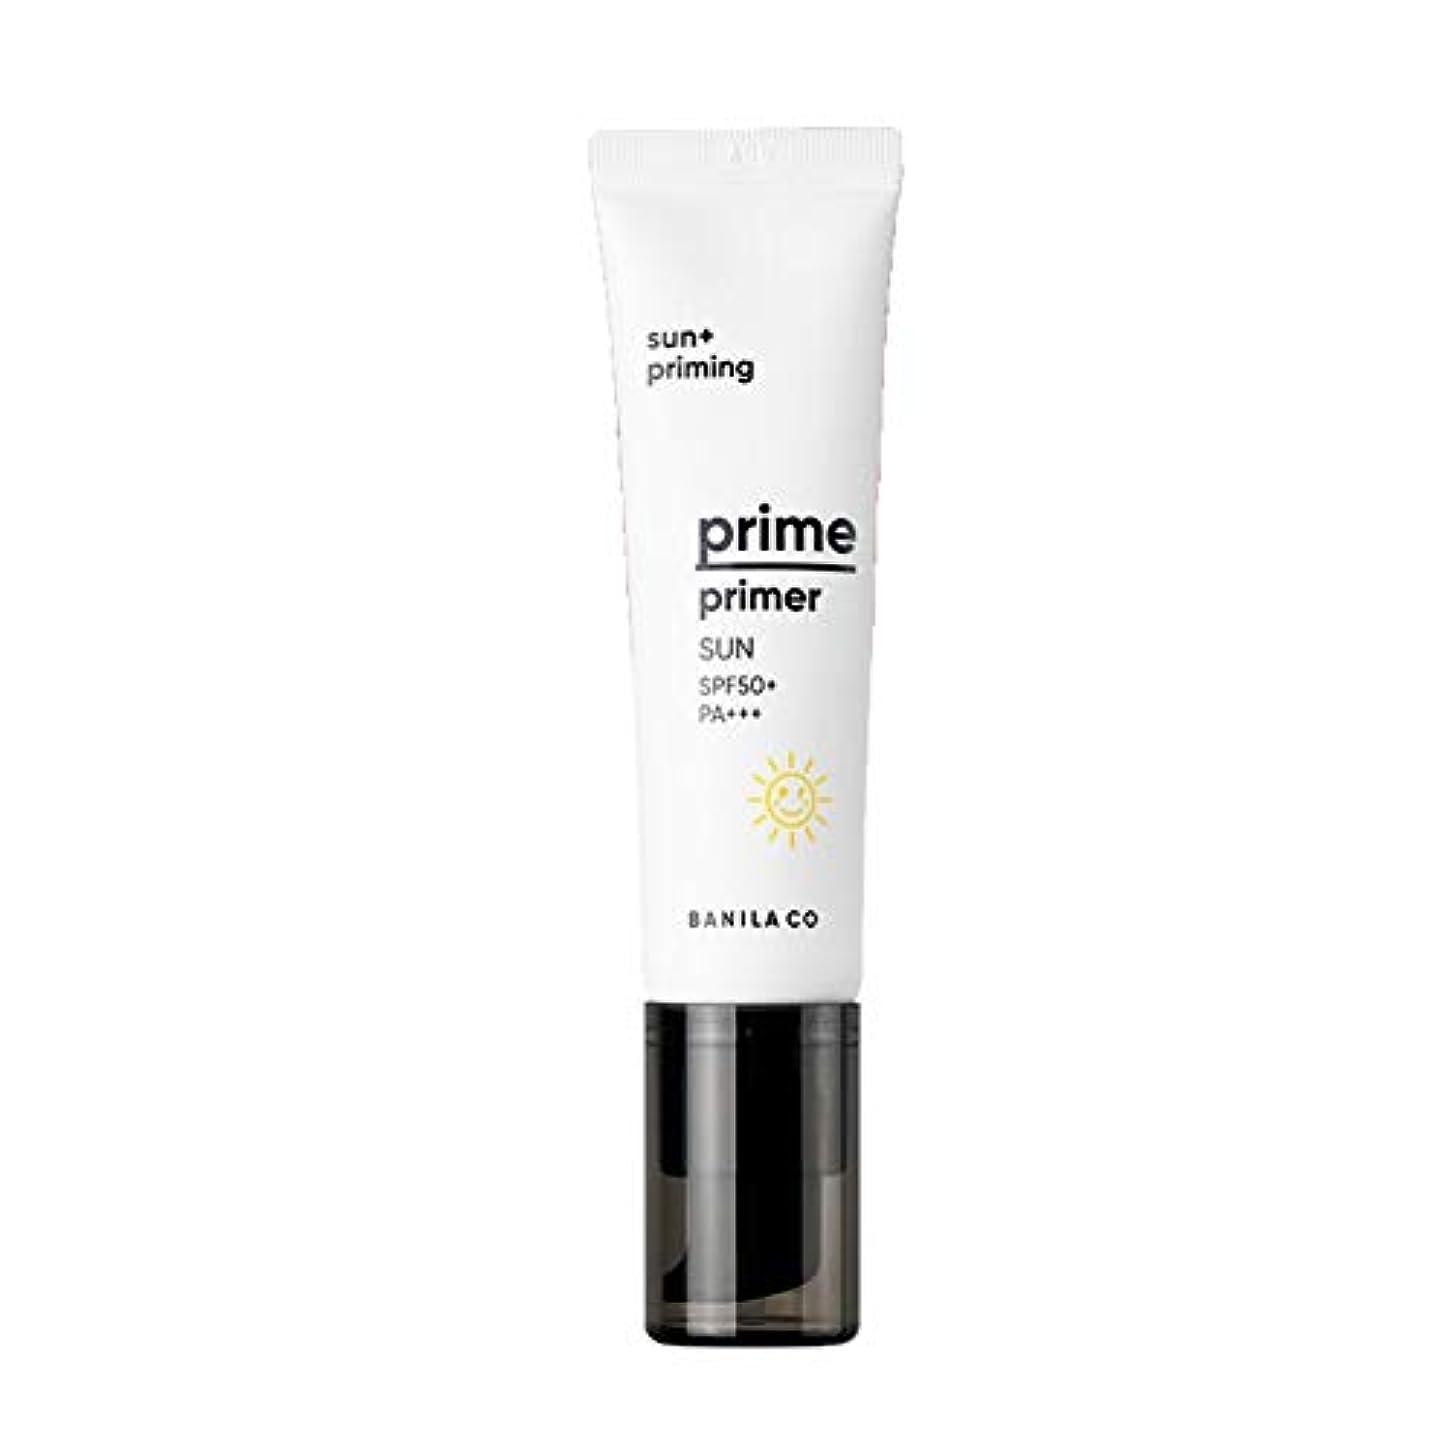 気怠い小説目立つバニラコプライムプライマーサン30mlサンクリーム韓国コスメ、Banila Co Prime Primer Sun 30ml Sun Cream Korean Cosmetics [並行輸入品]